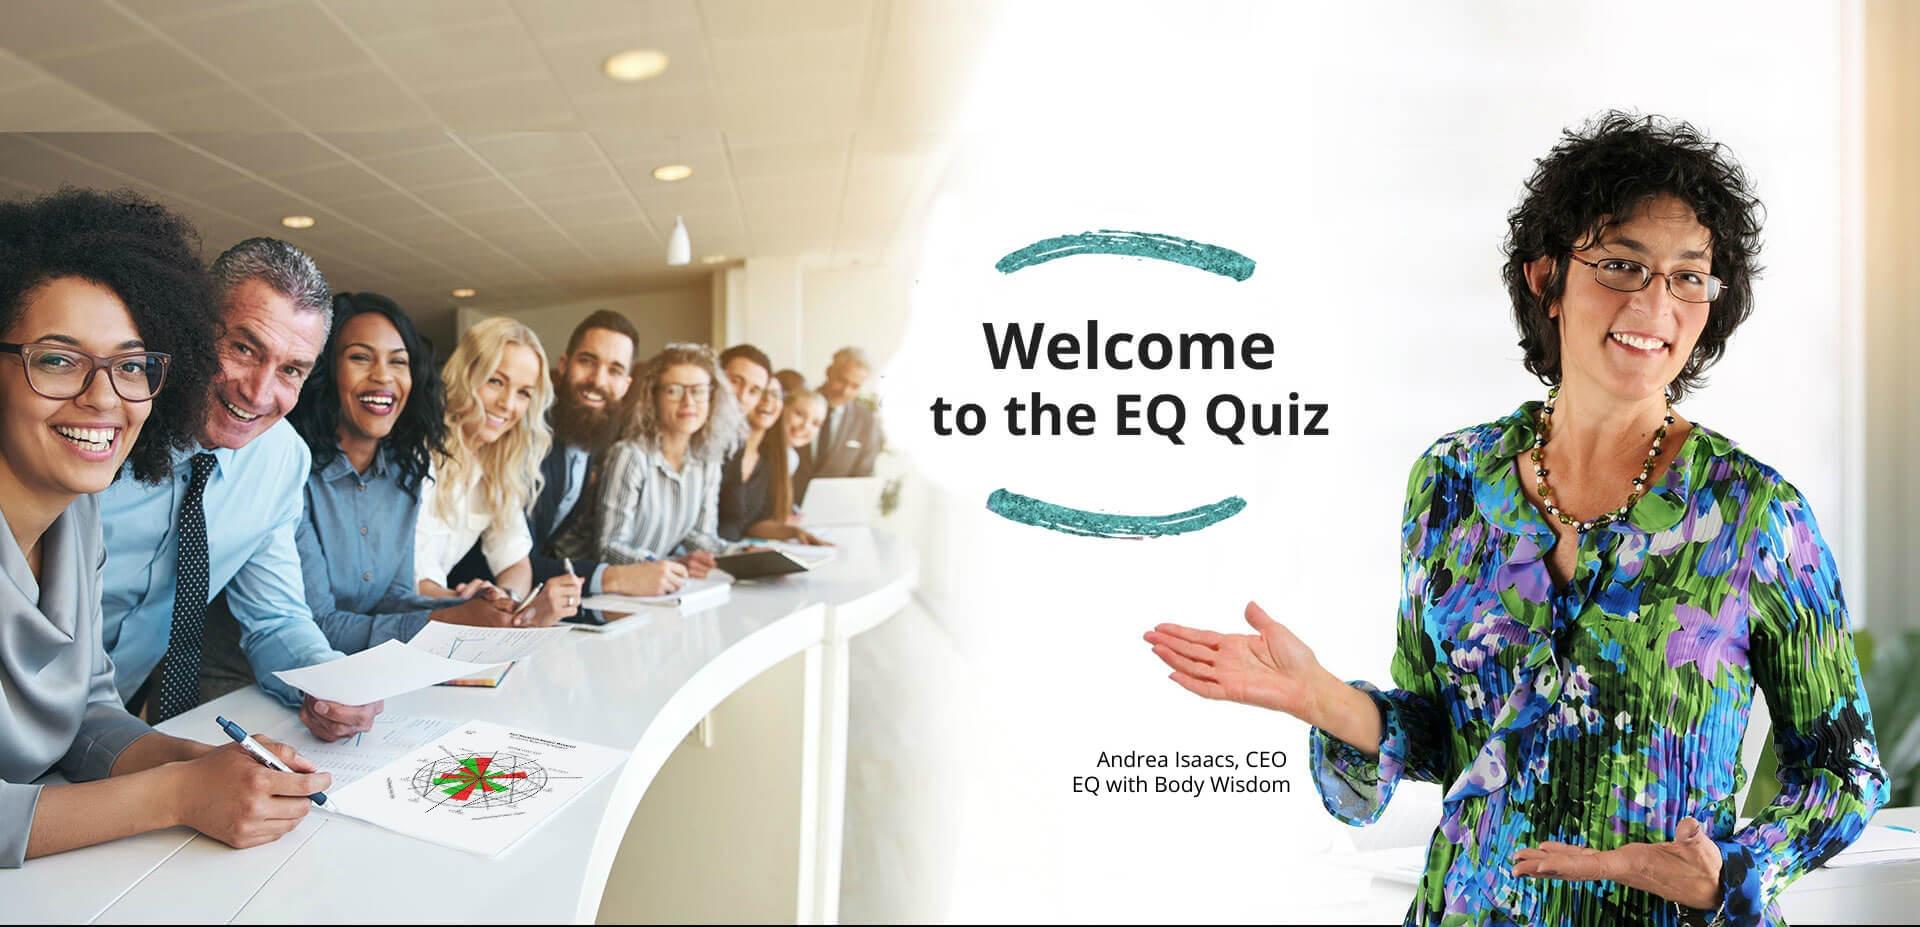 EQ Quiz Based on Enneagram - Enneagram quiz